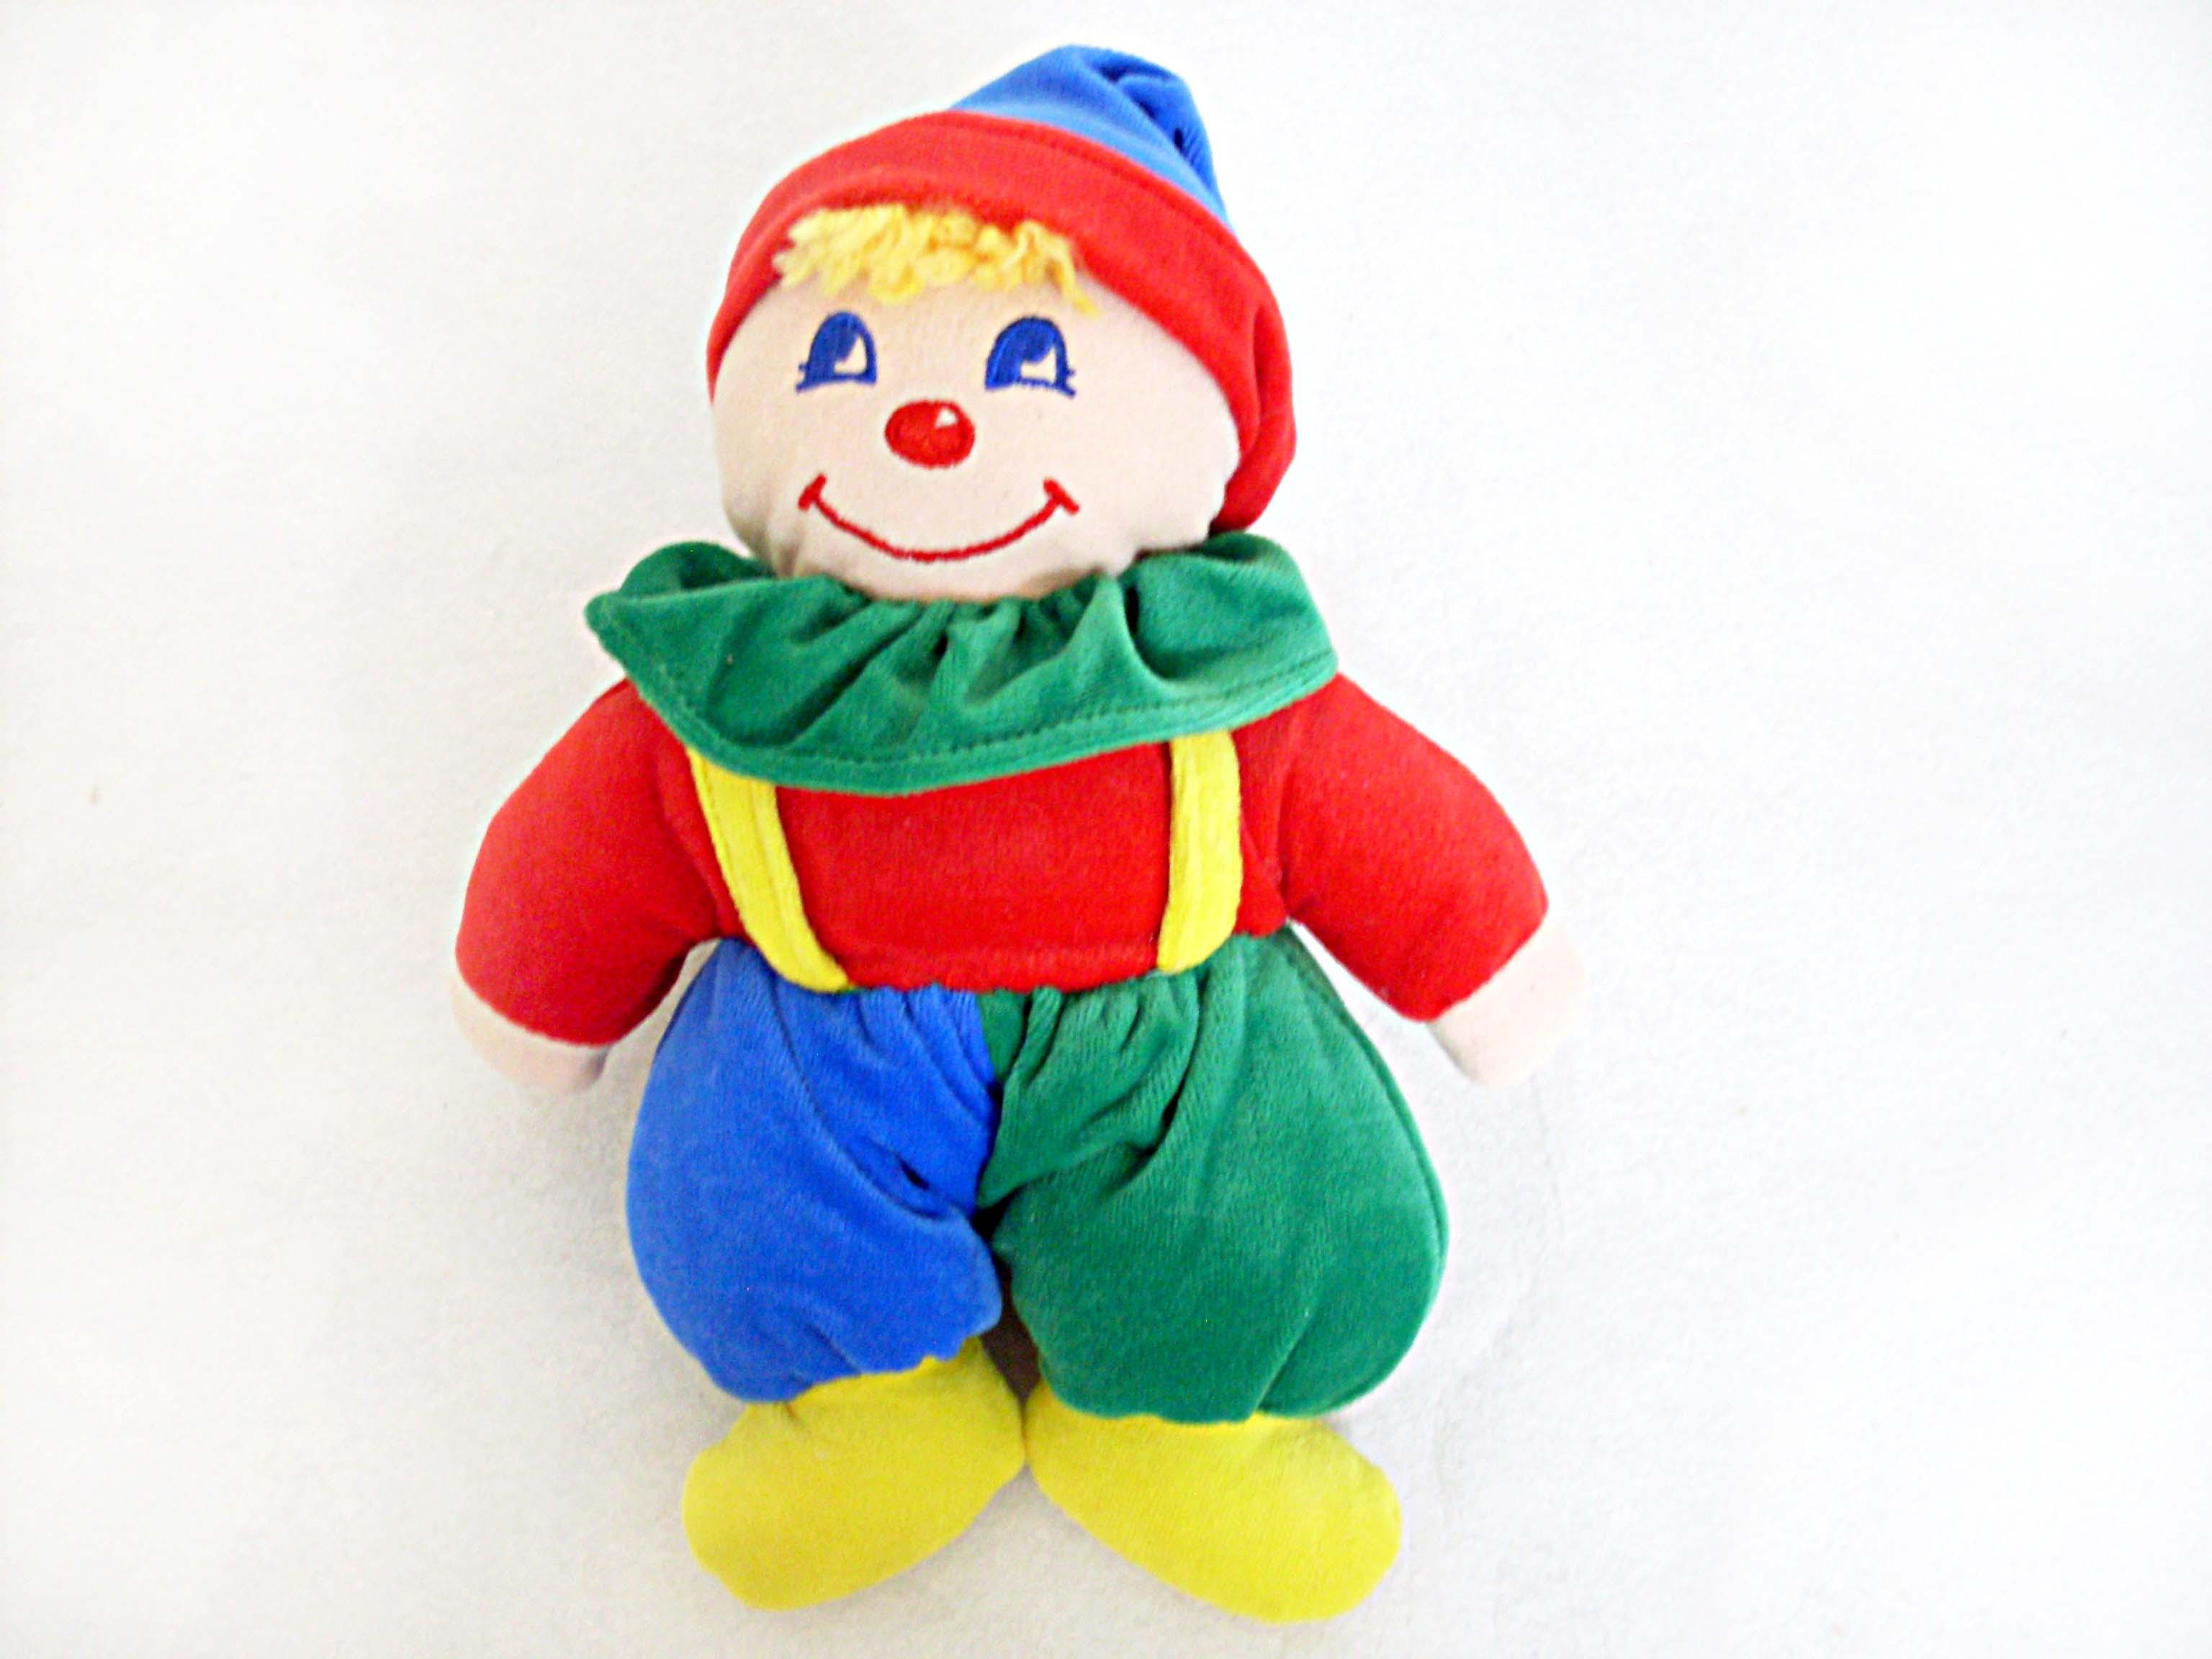 【满百包邮】宝宝婴儿玩具娃娃公仔布娃娃安抚人物外贸抱偶结婚用来压床的玩偶怎处理好图片